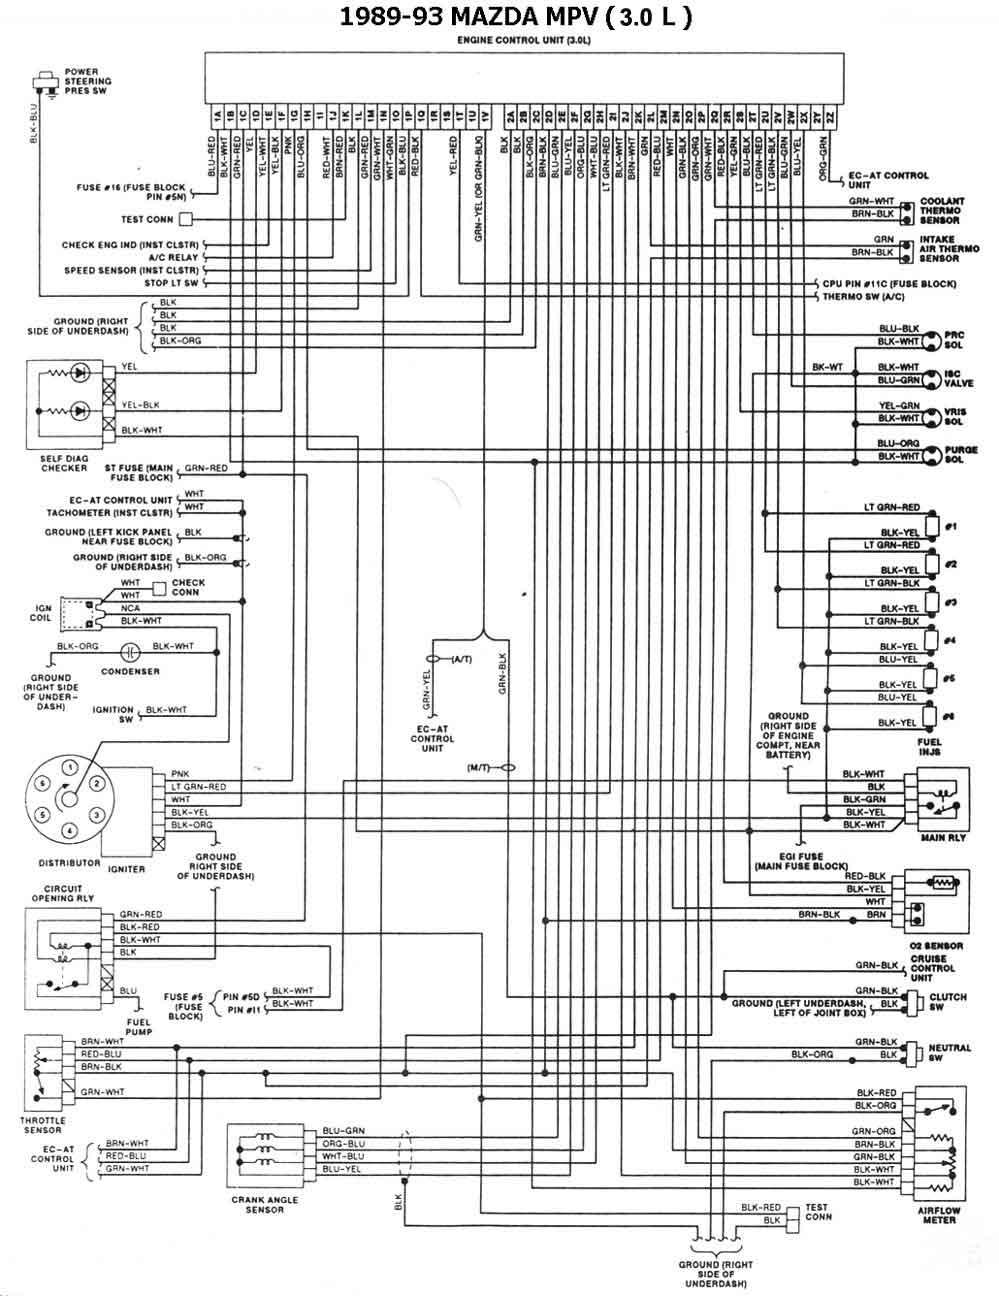 medium resolution of 1989 93 mpv 3 0l mazda